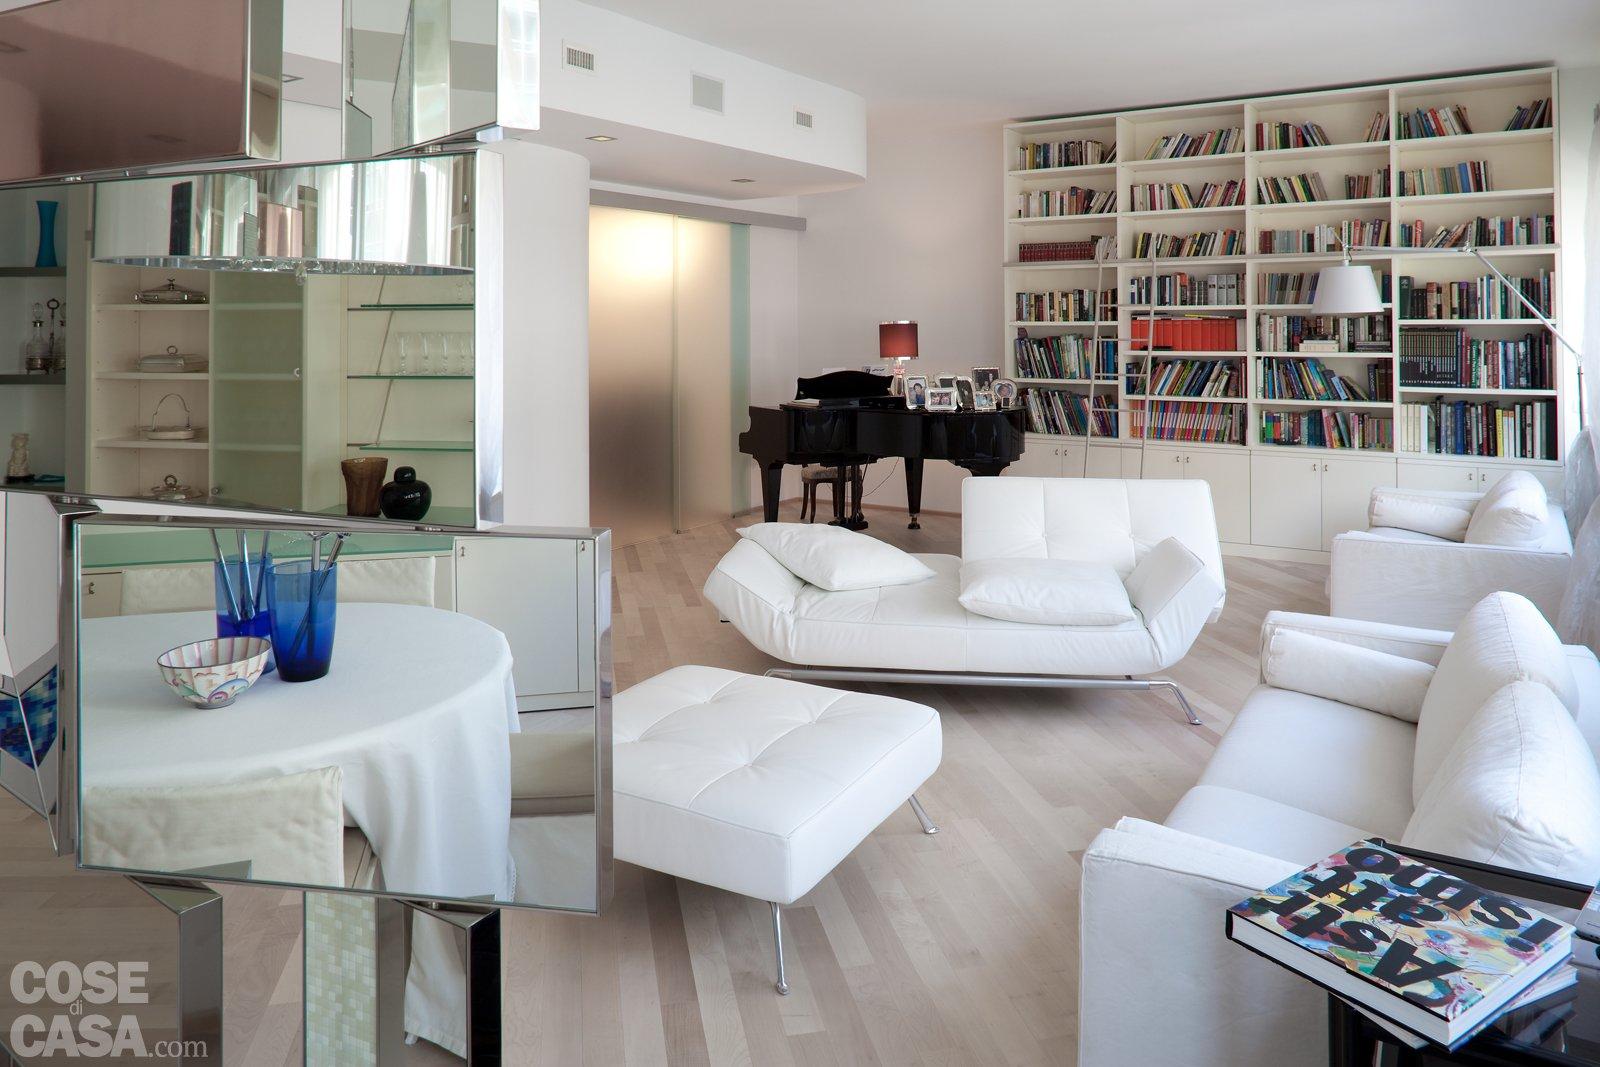 Una Casa Pensata Per Il Risparmio Energetico Cose Di Casa #294069 1600 1067 La Sala Da Pranzo Wikipedia